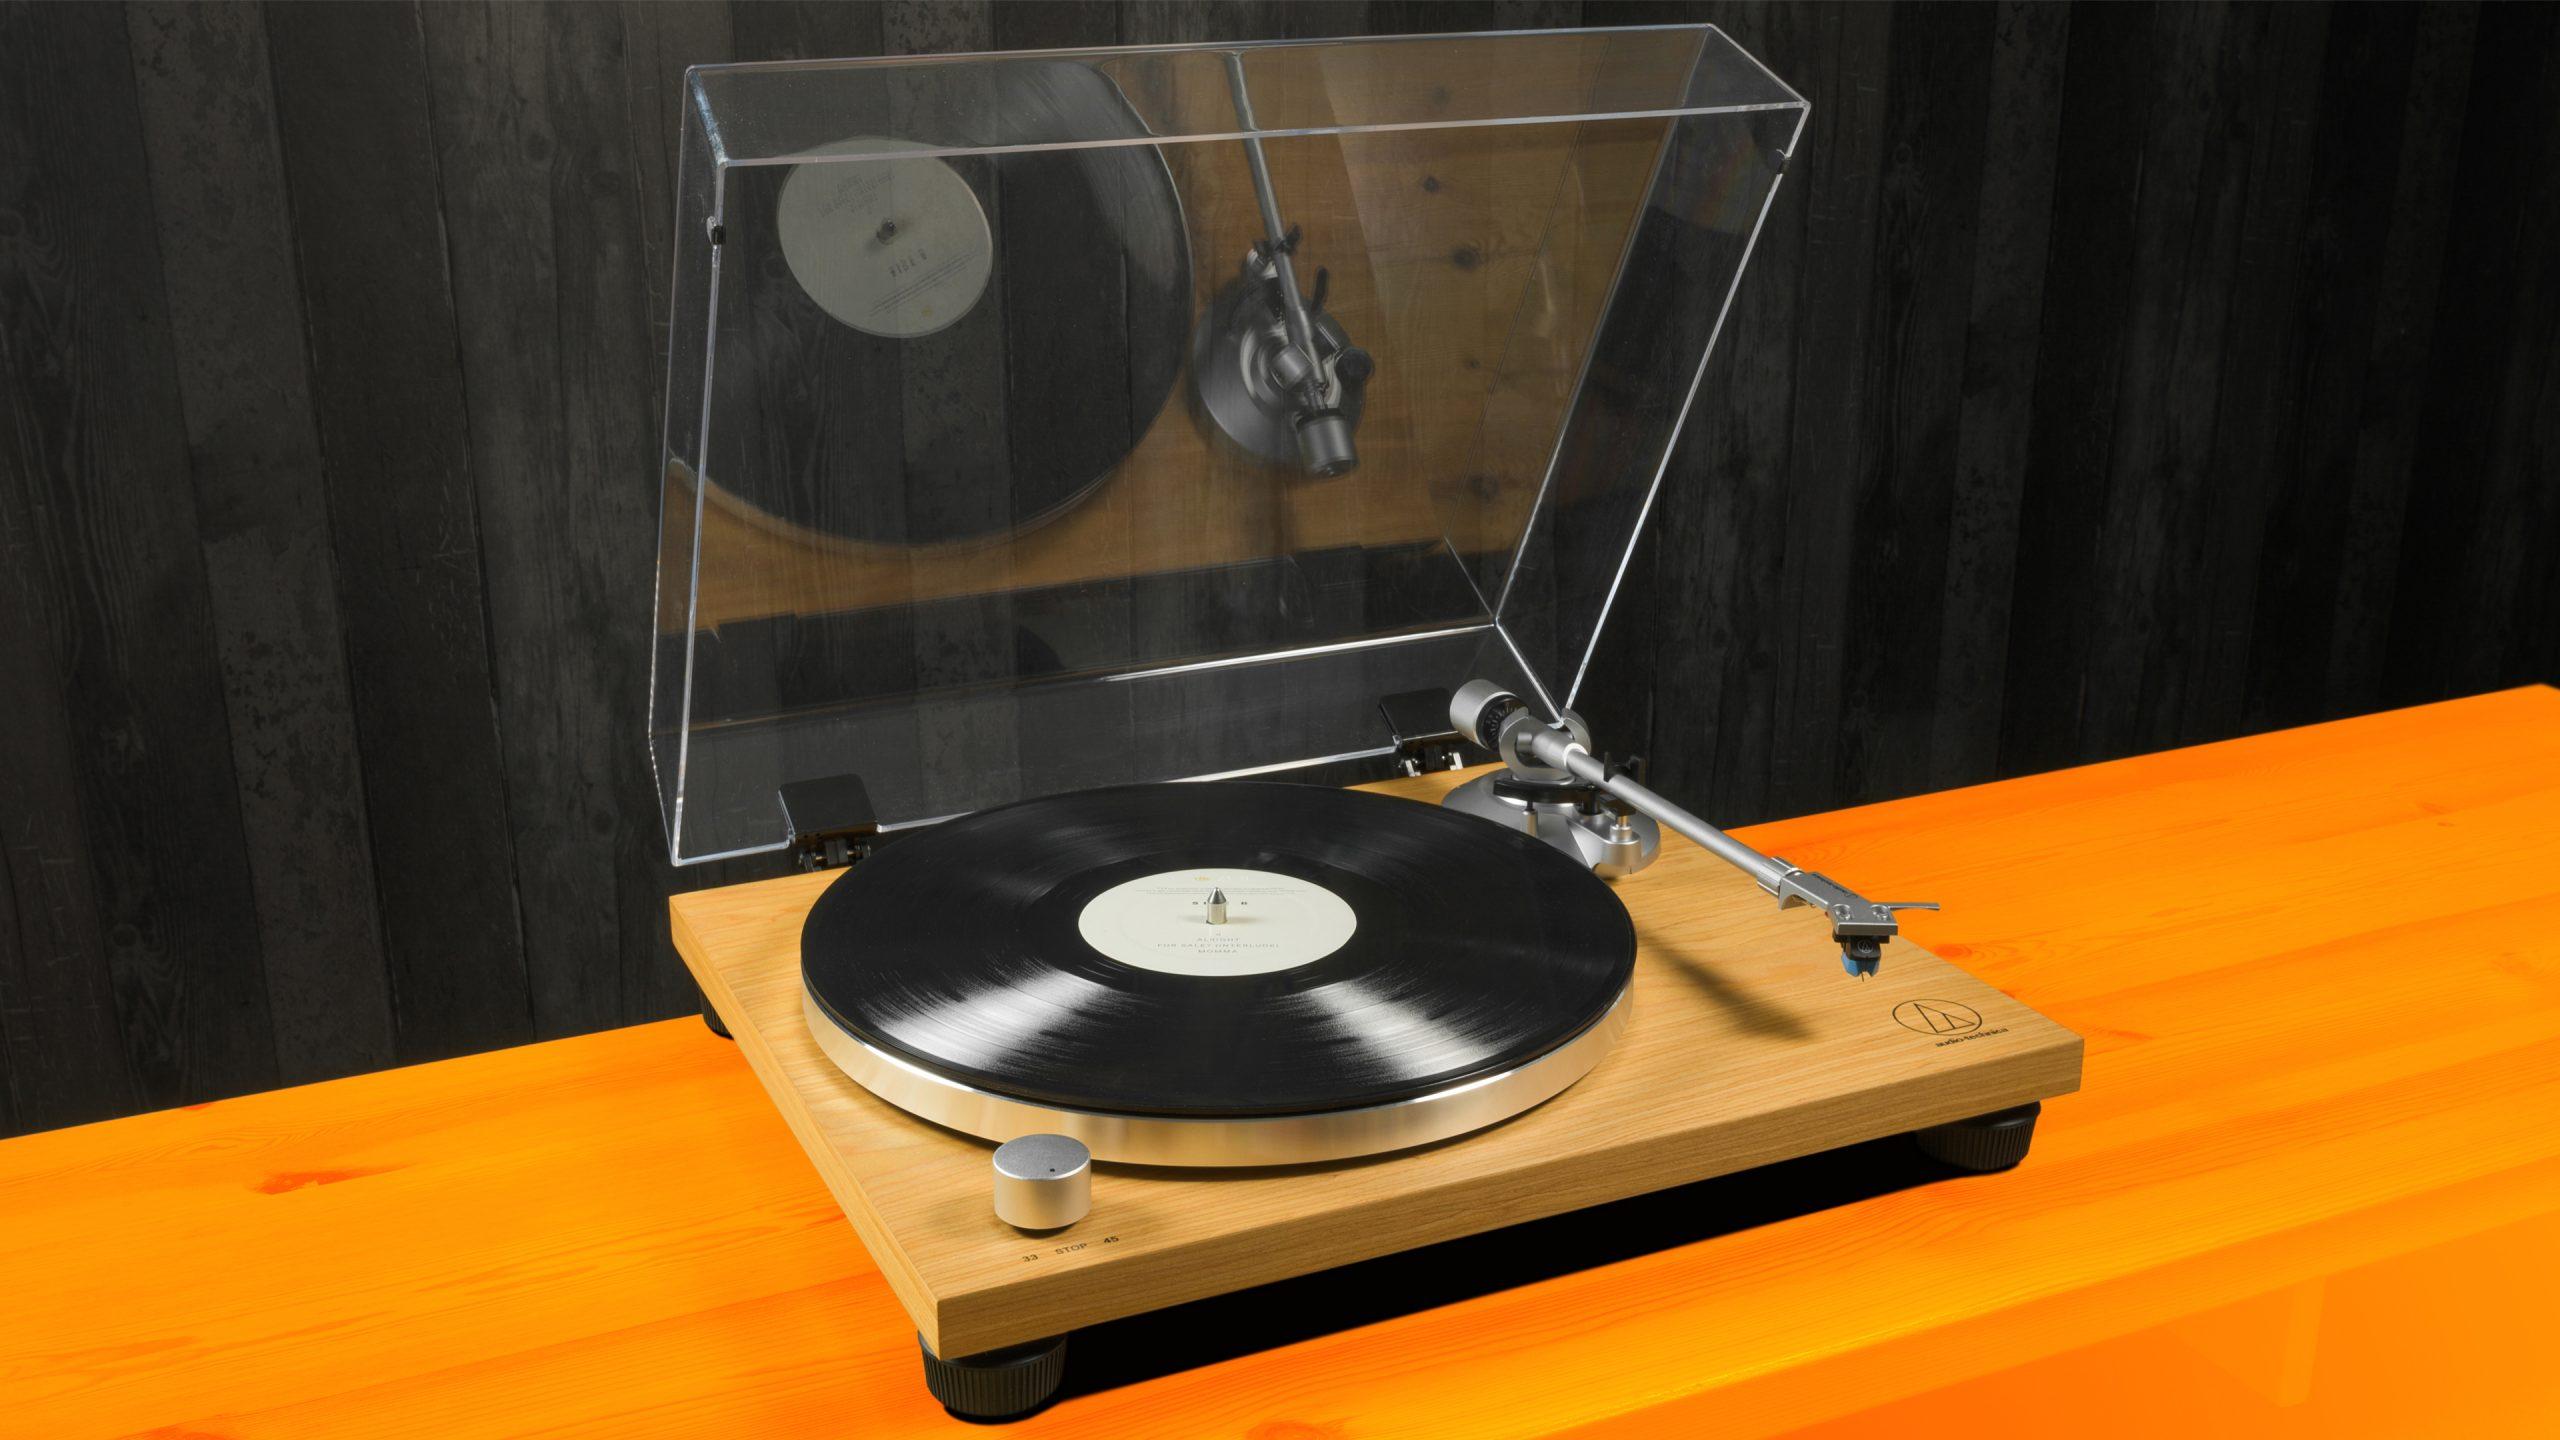 Foto van een opengeklapte Audio-Technica AT-LPW30TK platenspeler.